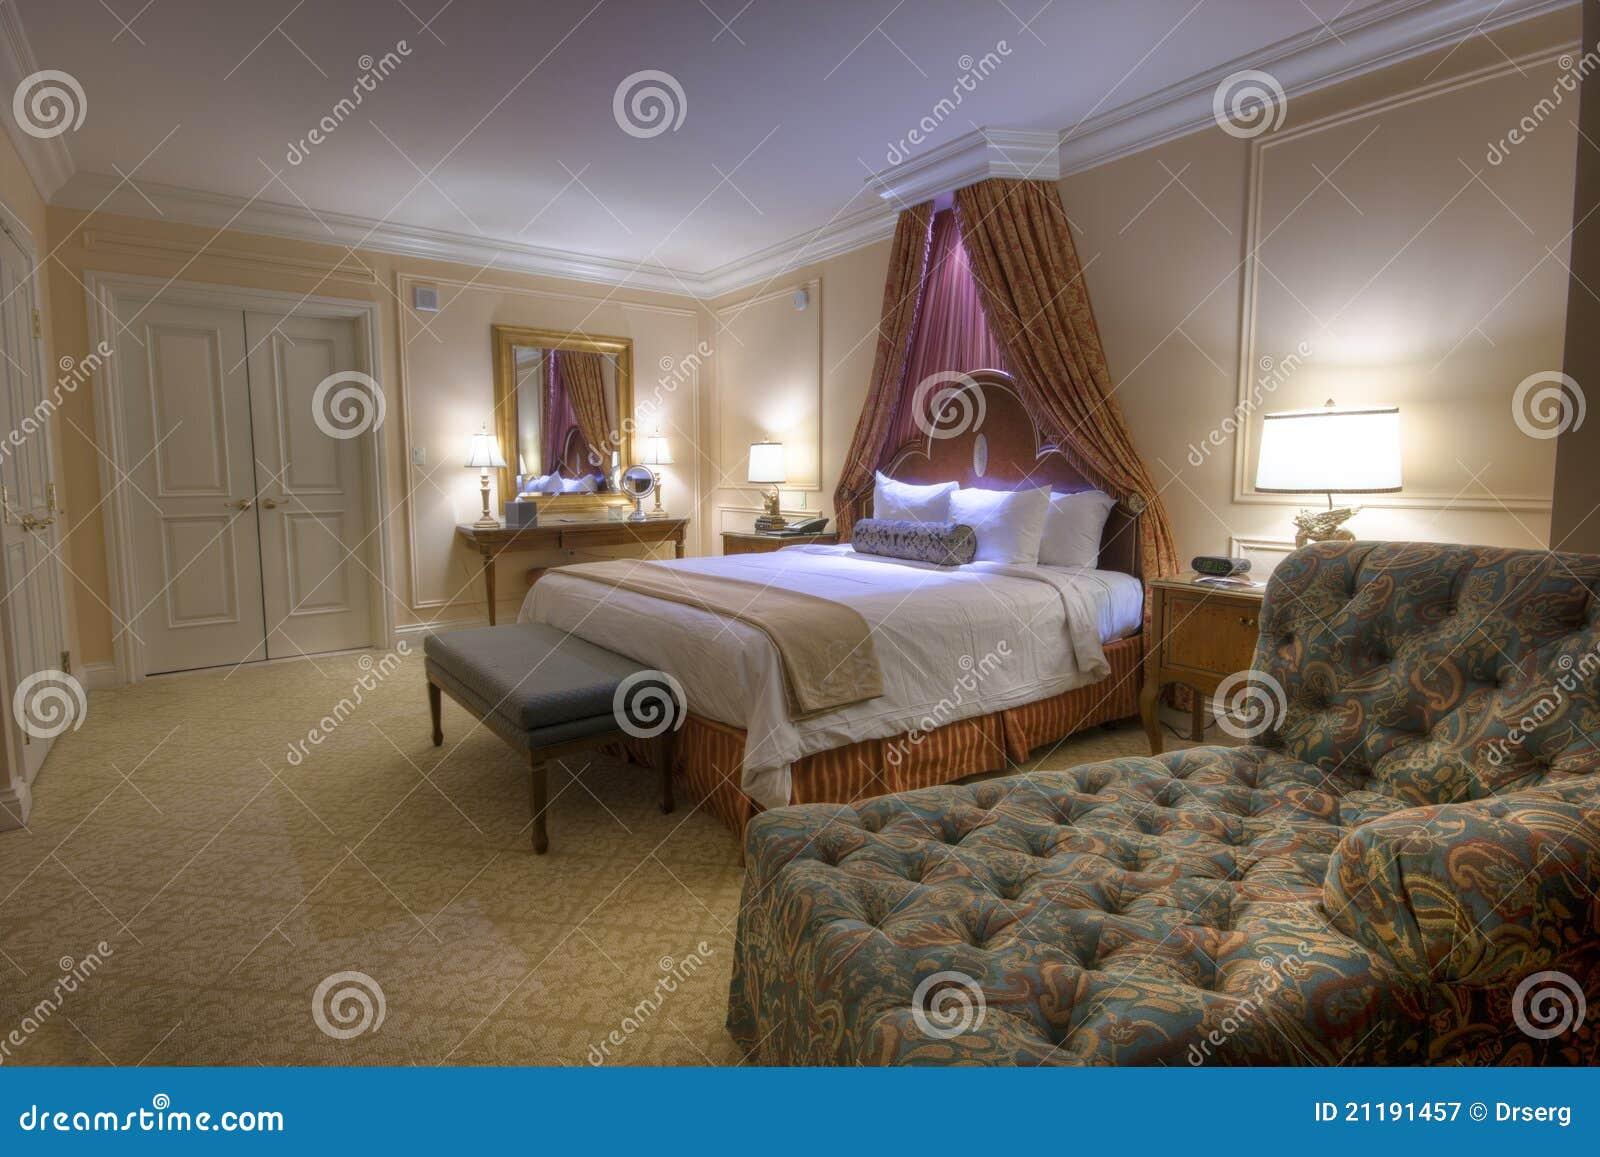 Camera da letto con la base king size del baldacchino delle lampade fotografia stock libera da - Camera da letto baldacchino ...